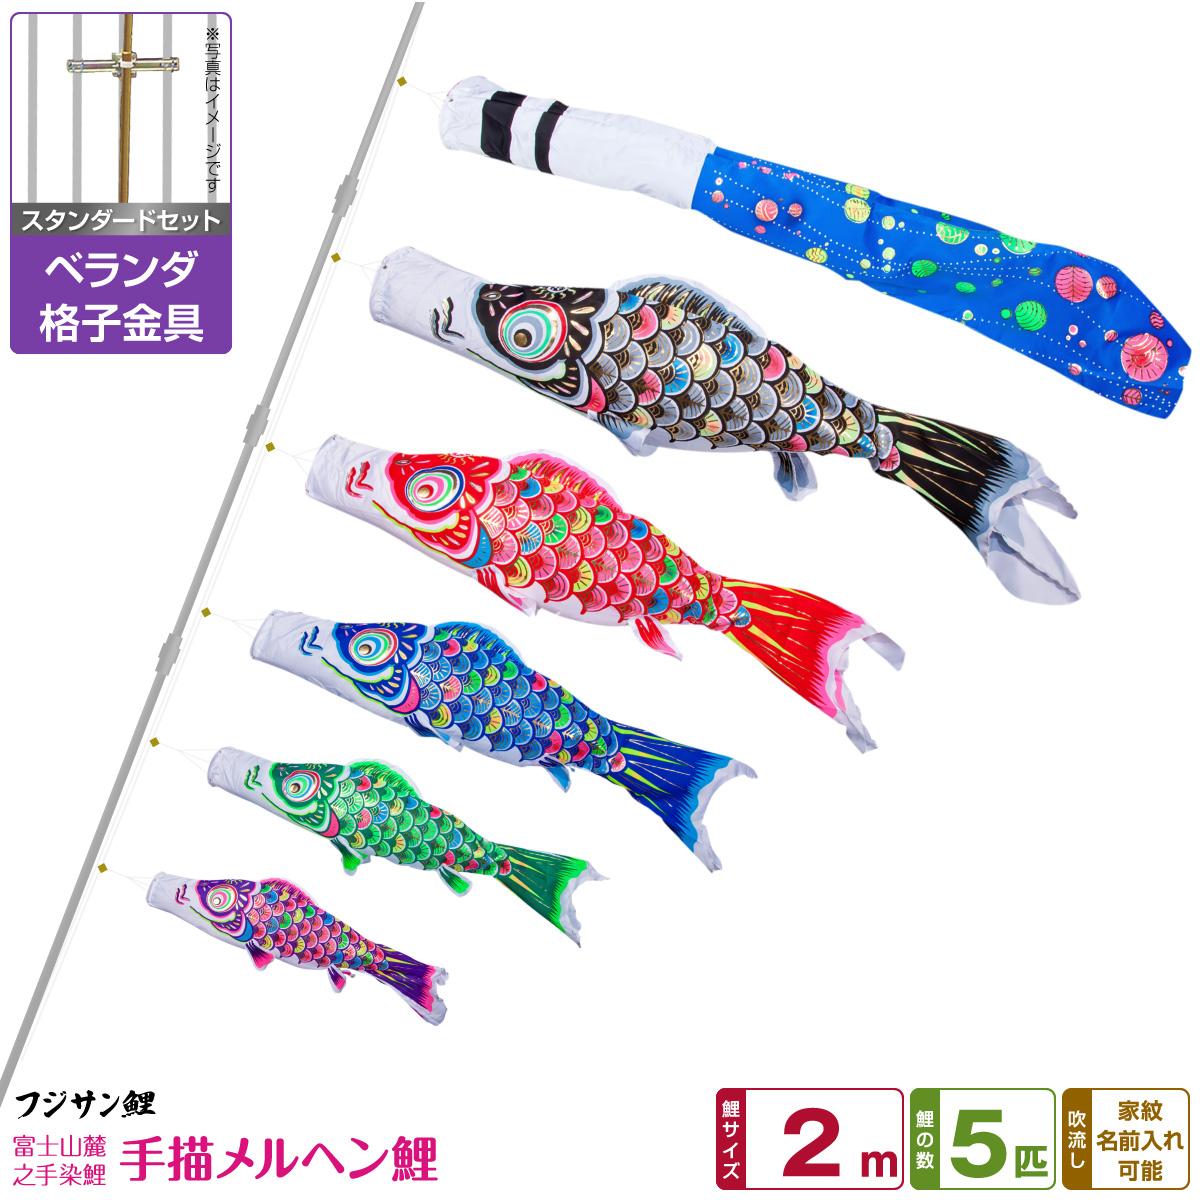 ベランダ用 こいのぼり 鯉のぼり フジサン鯉 手描メルヘン鯉 2m 8点(吹流し+鯉5匹+矢車+ロープ)/スタンダードセット(格子金具)